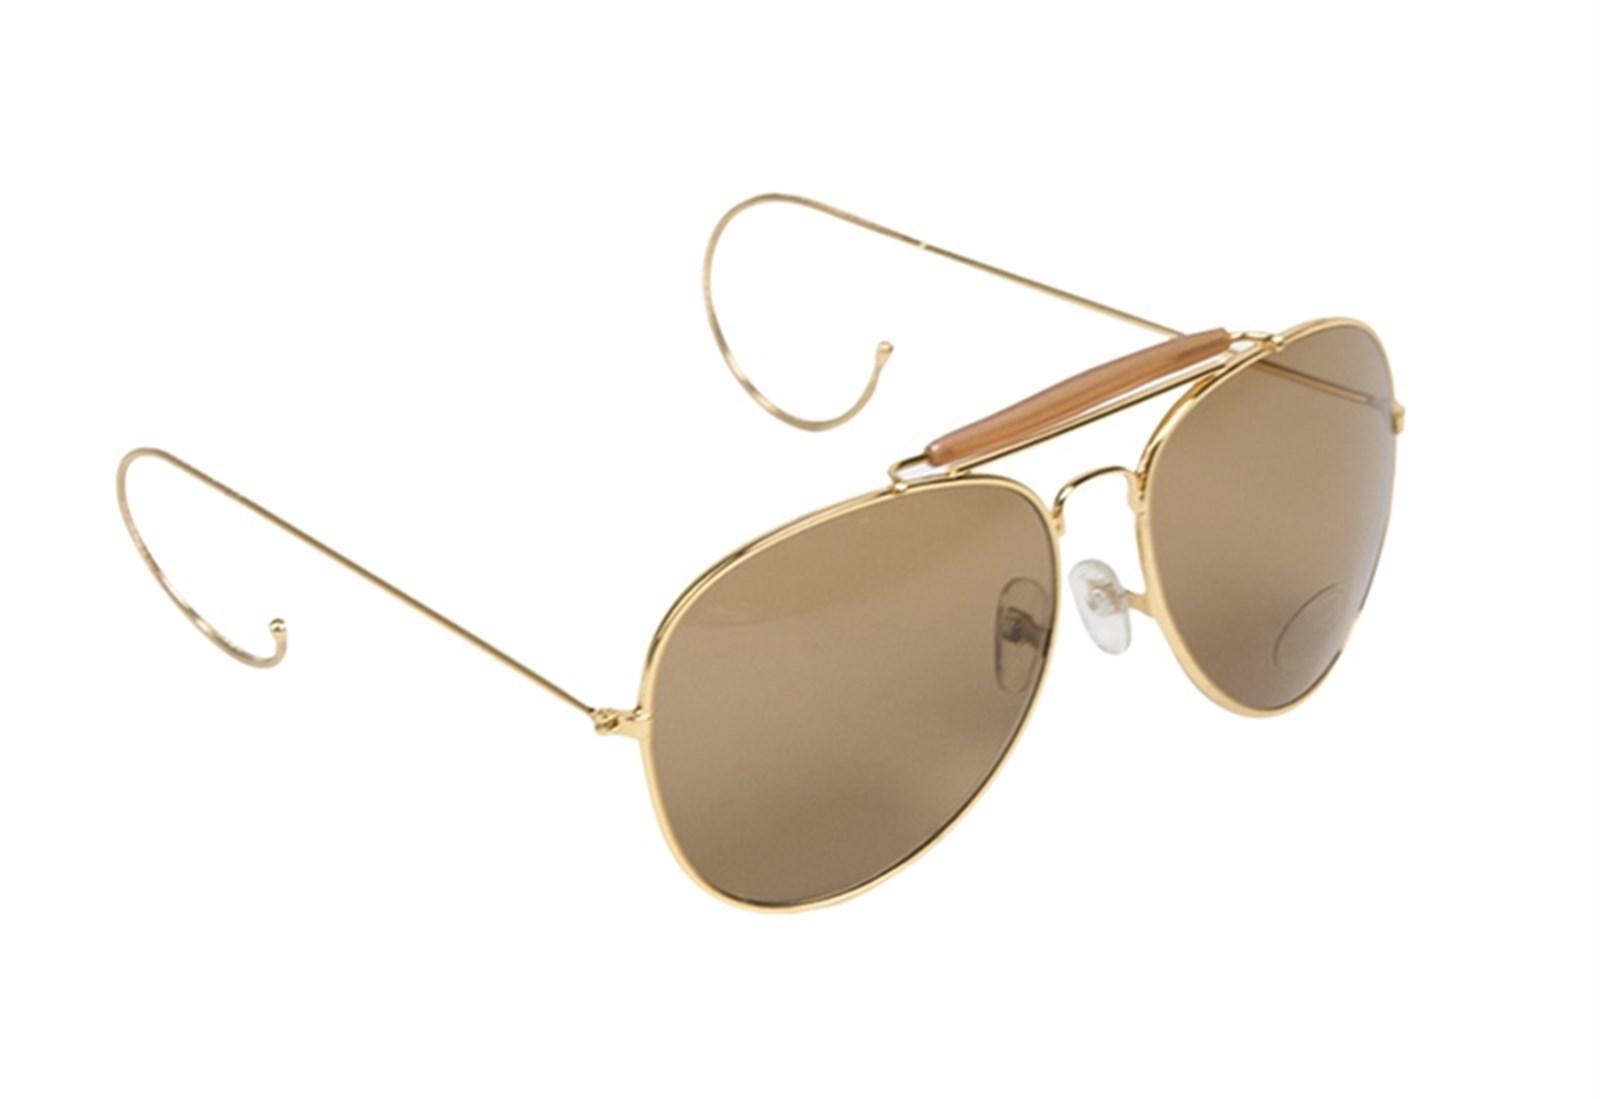 AF Sonnenbrille mit Etui verspiegelt 2dRIdn